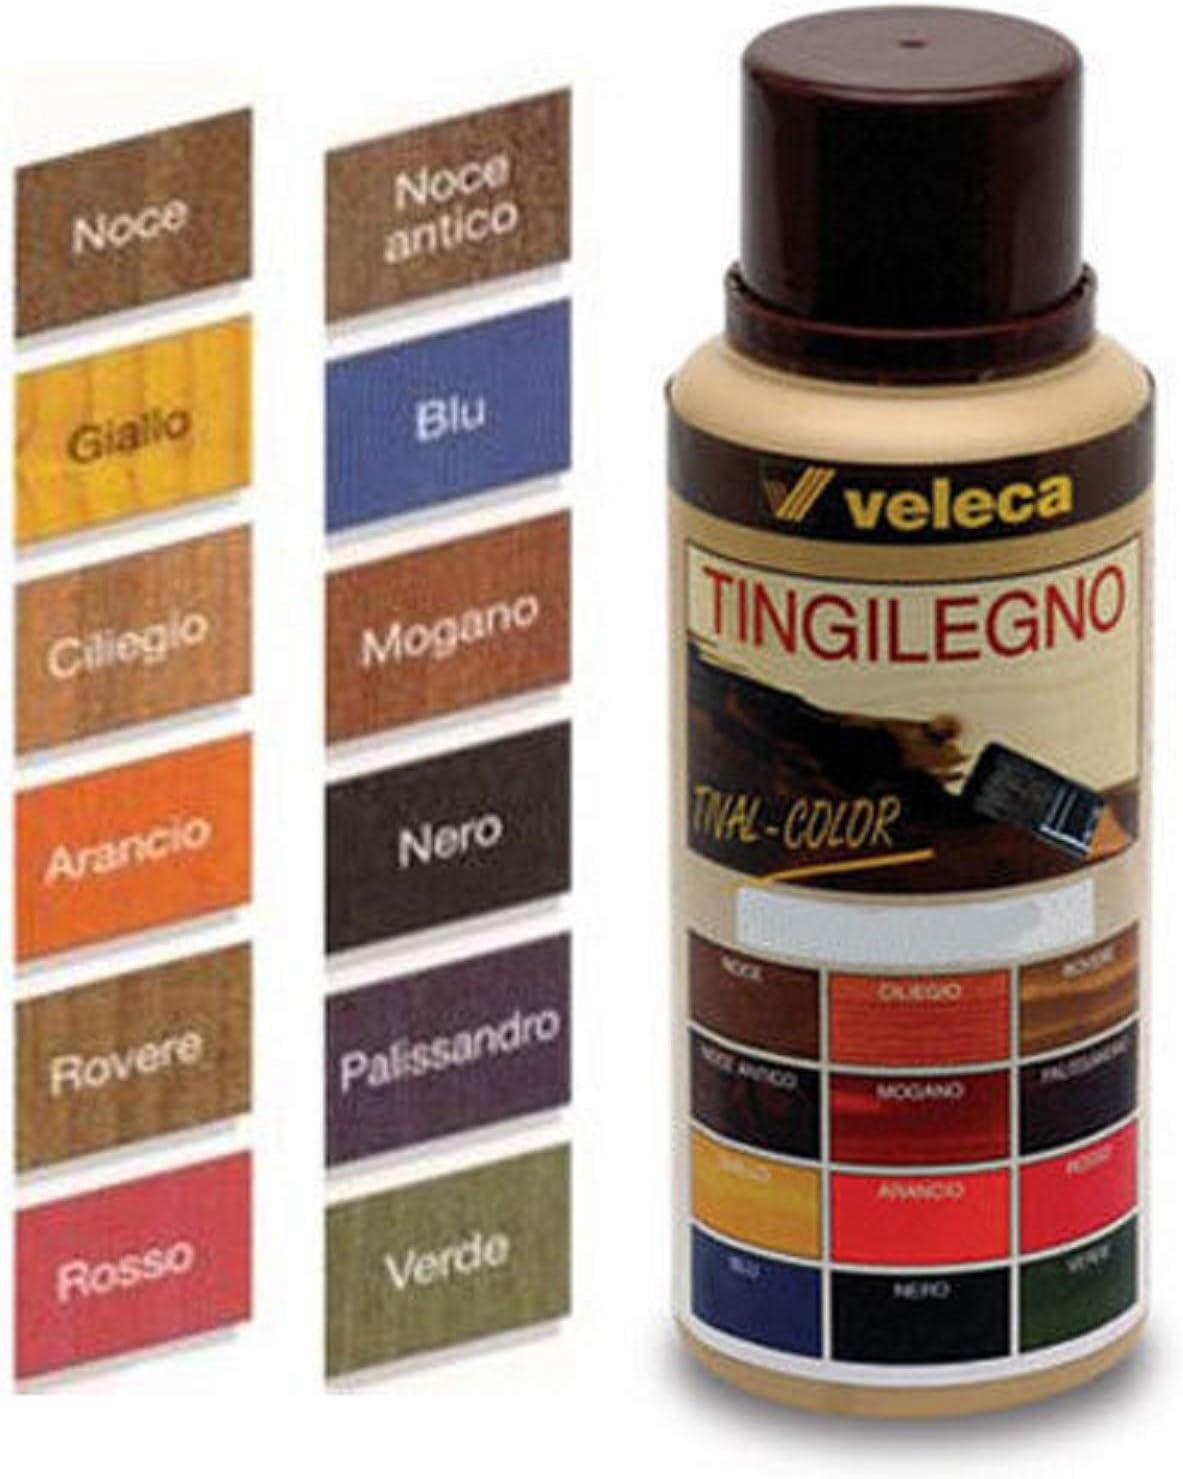 veleca tingilegno Tinte para Madera pintura tratamiento ...